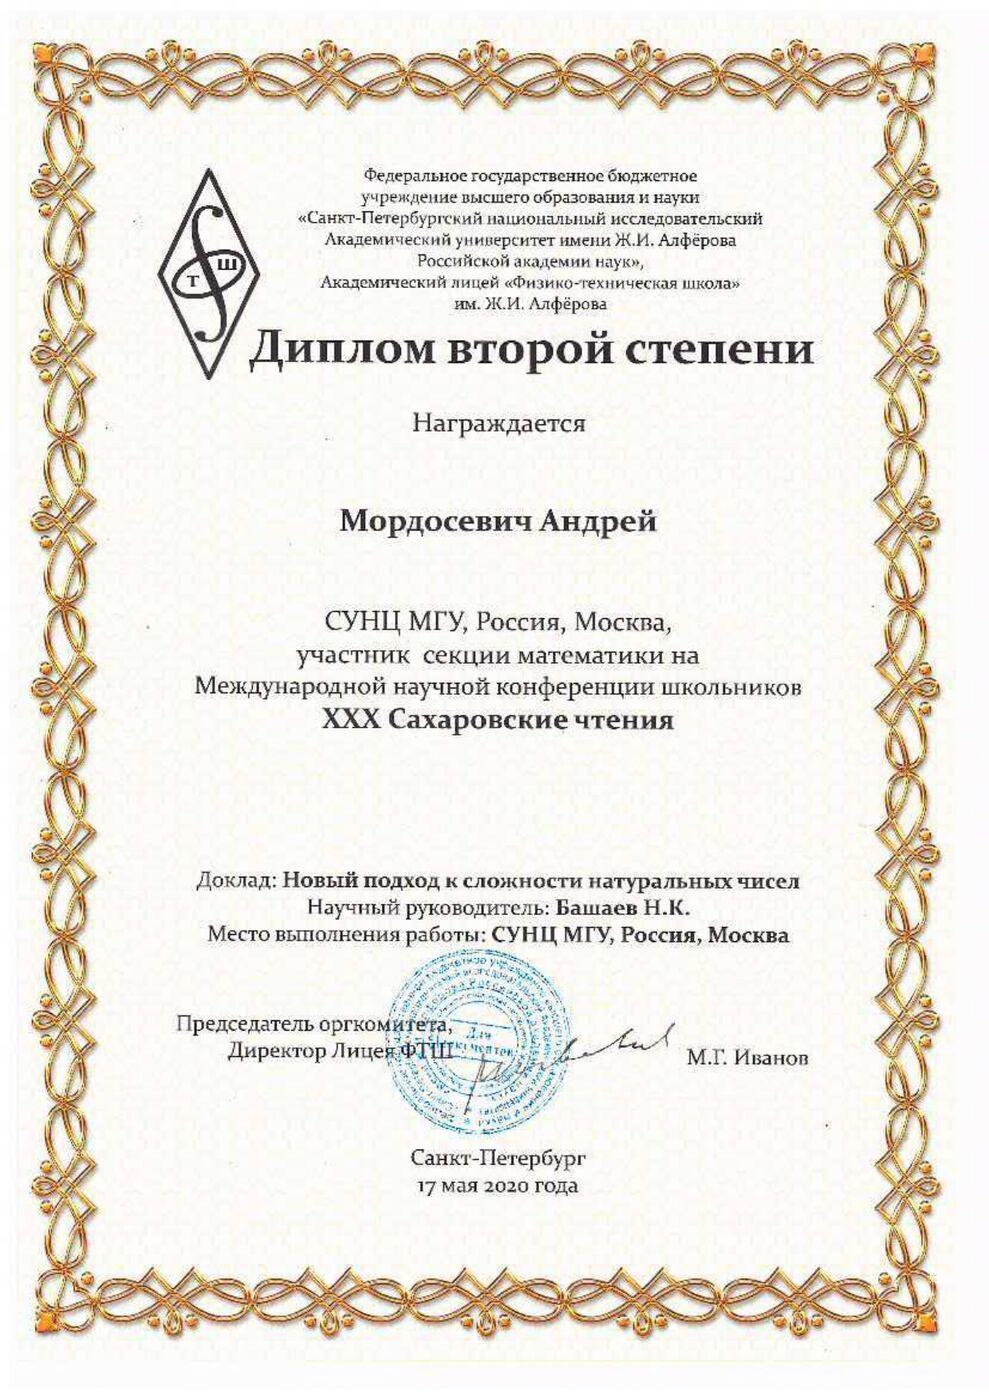 Успешное выступление Андрея Мордосевича на Сахаровских чтениях